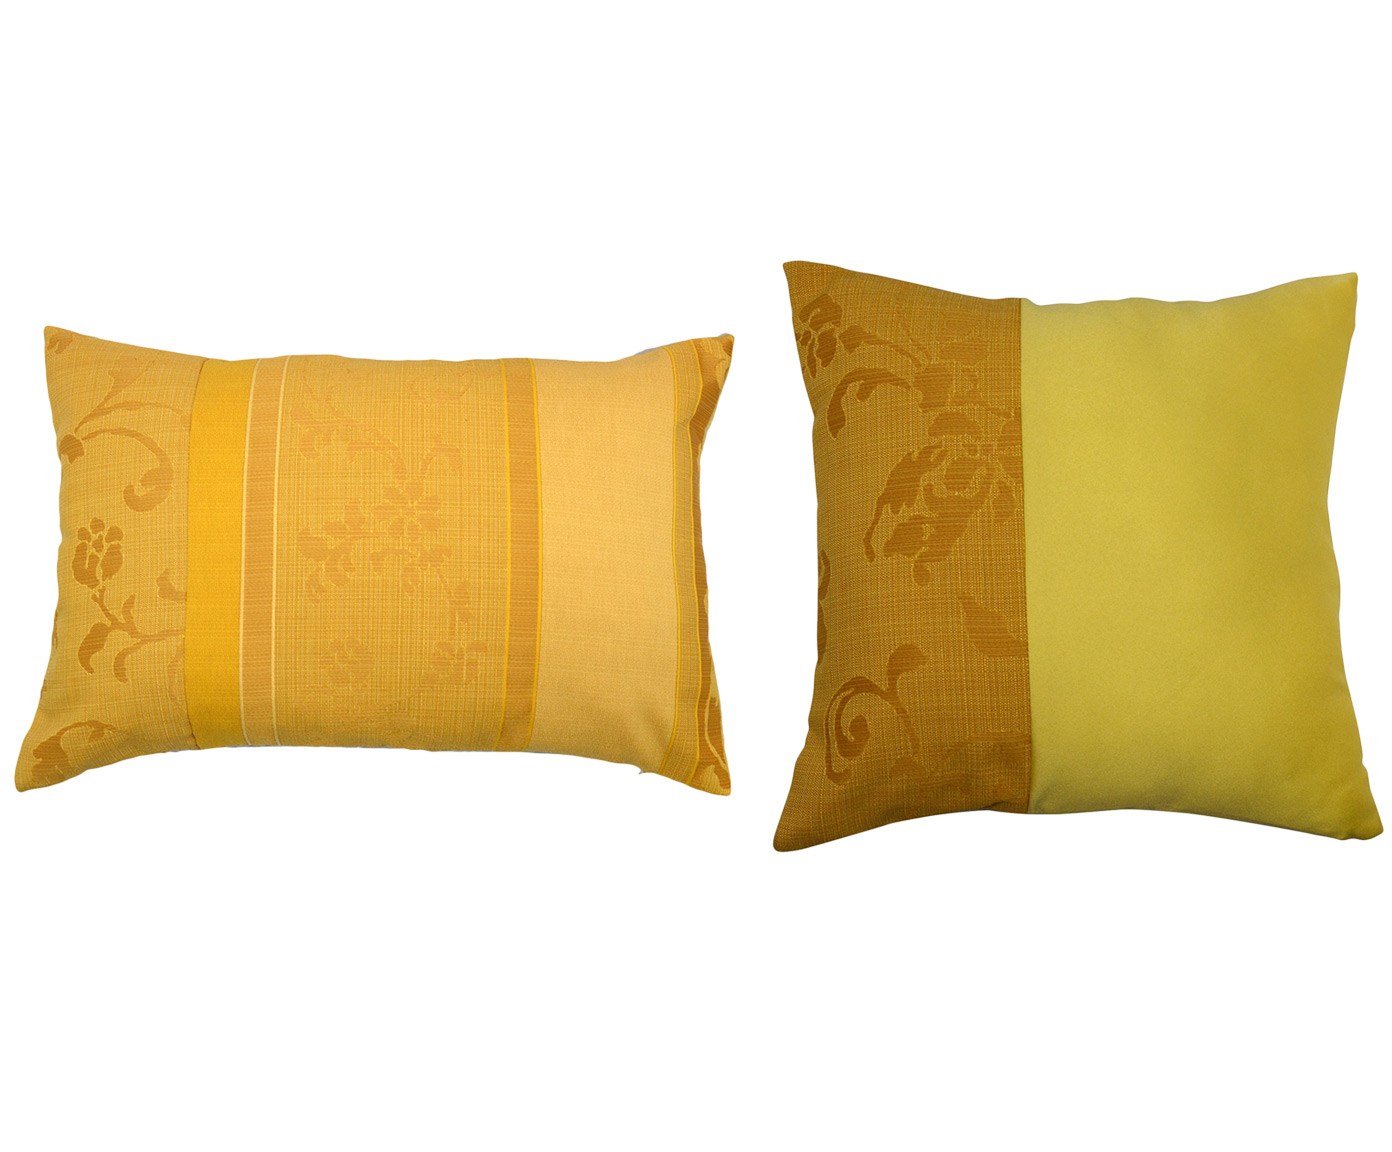 Комплект подушек Tender Yellow (2шт)Квадратные подушки и наволочки<br>Комплект декоративных  подушек. Чехол съемный.<br><br>Material: Вискоза<br>Length см: 40<br>Width см: 60.4<br>Depth см: 15